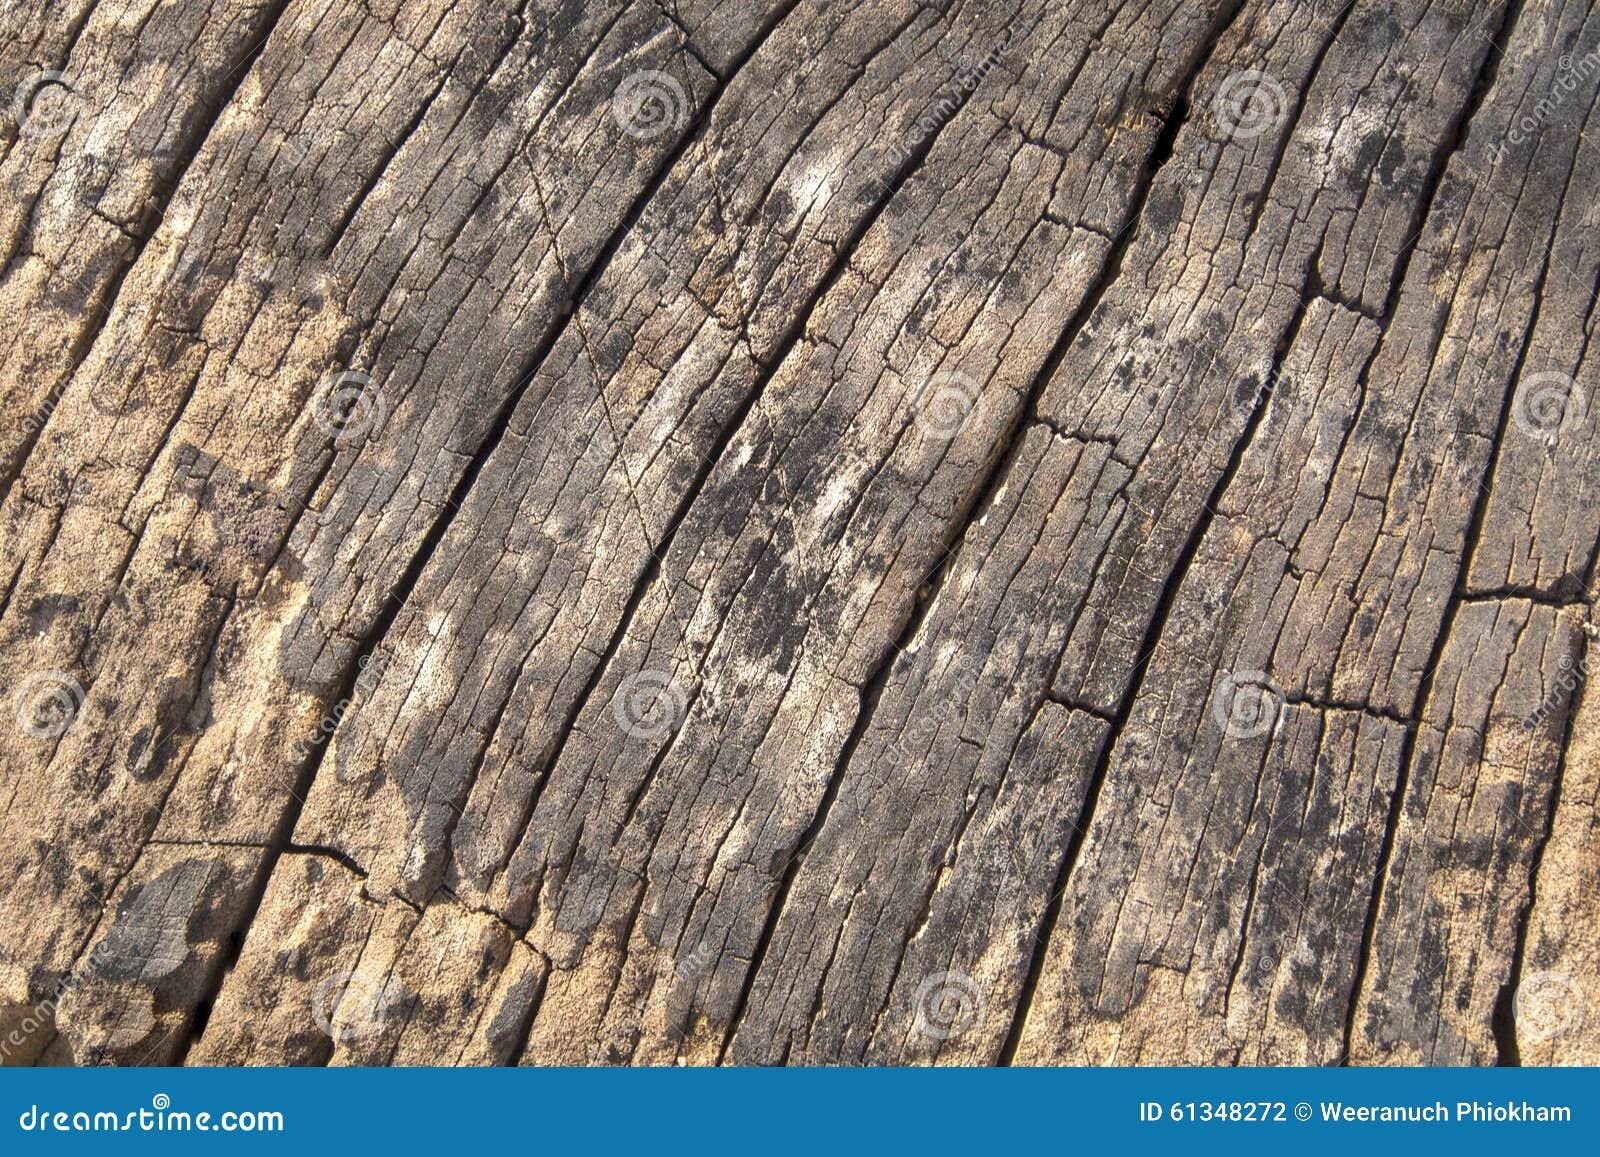 Le vieux bois donne au fond une consistance rugueuse